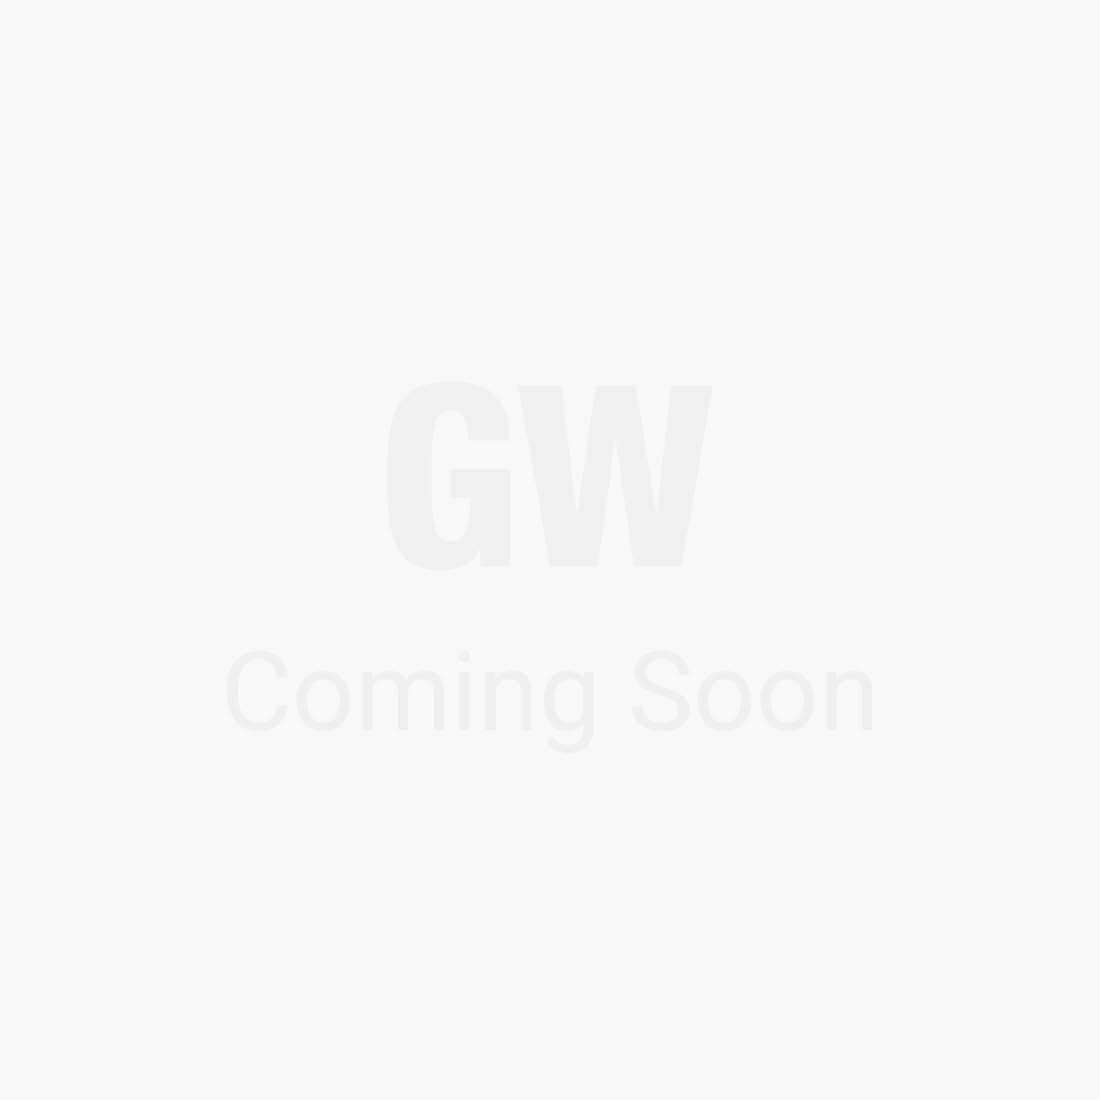 Natadora Morocco Left Chaise Sofa